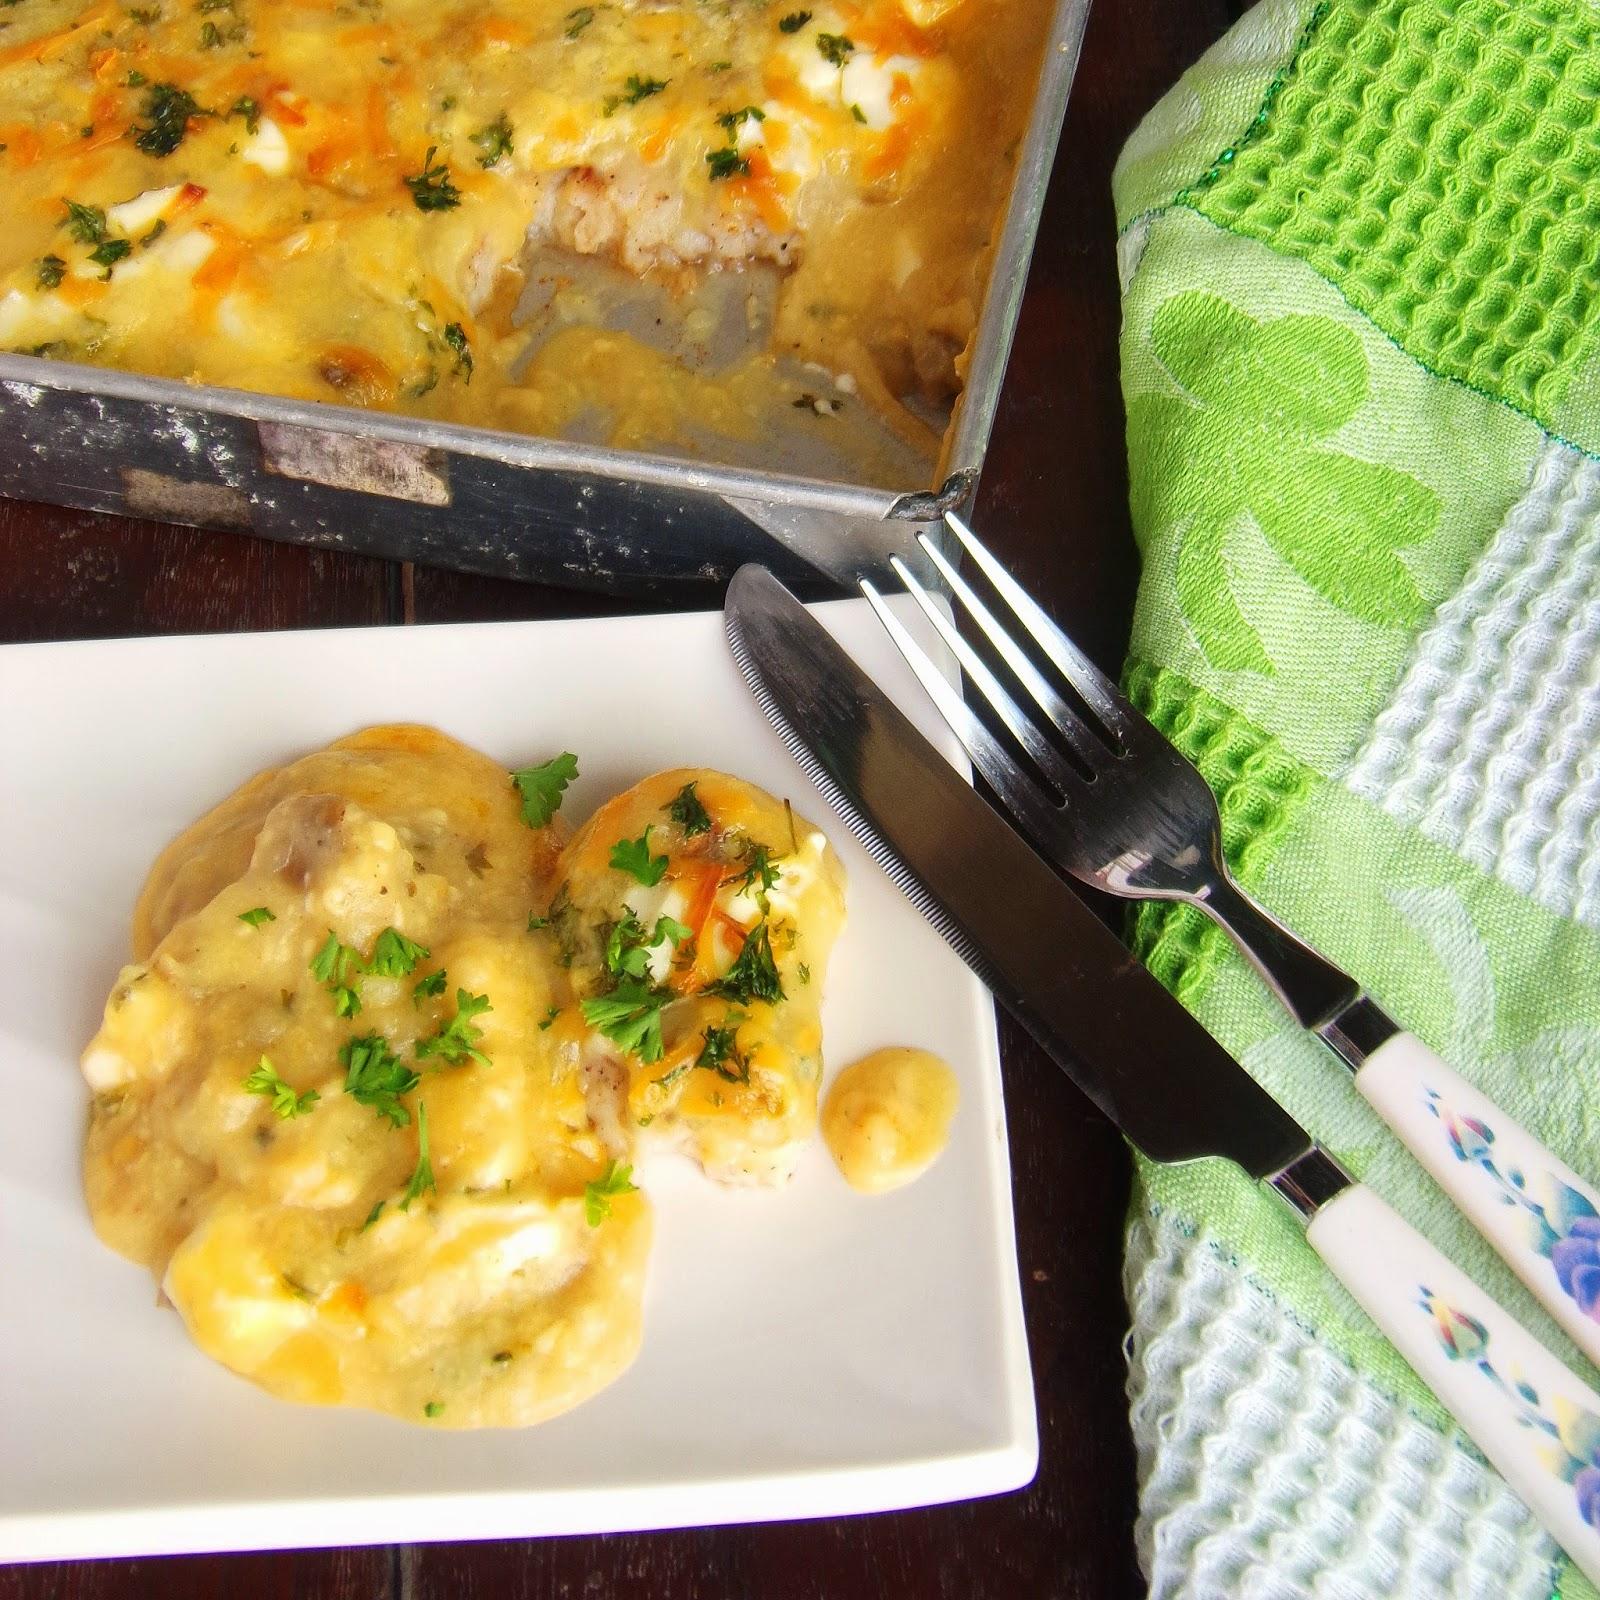 bake fish recipe, easy baked fish recipes, healthy baked fish recipes